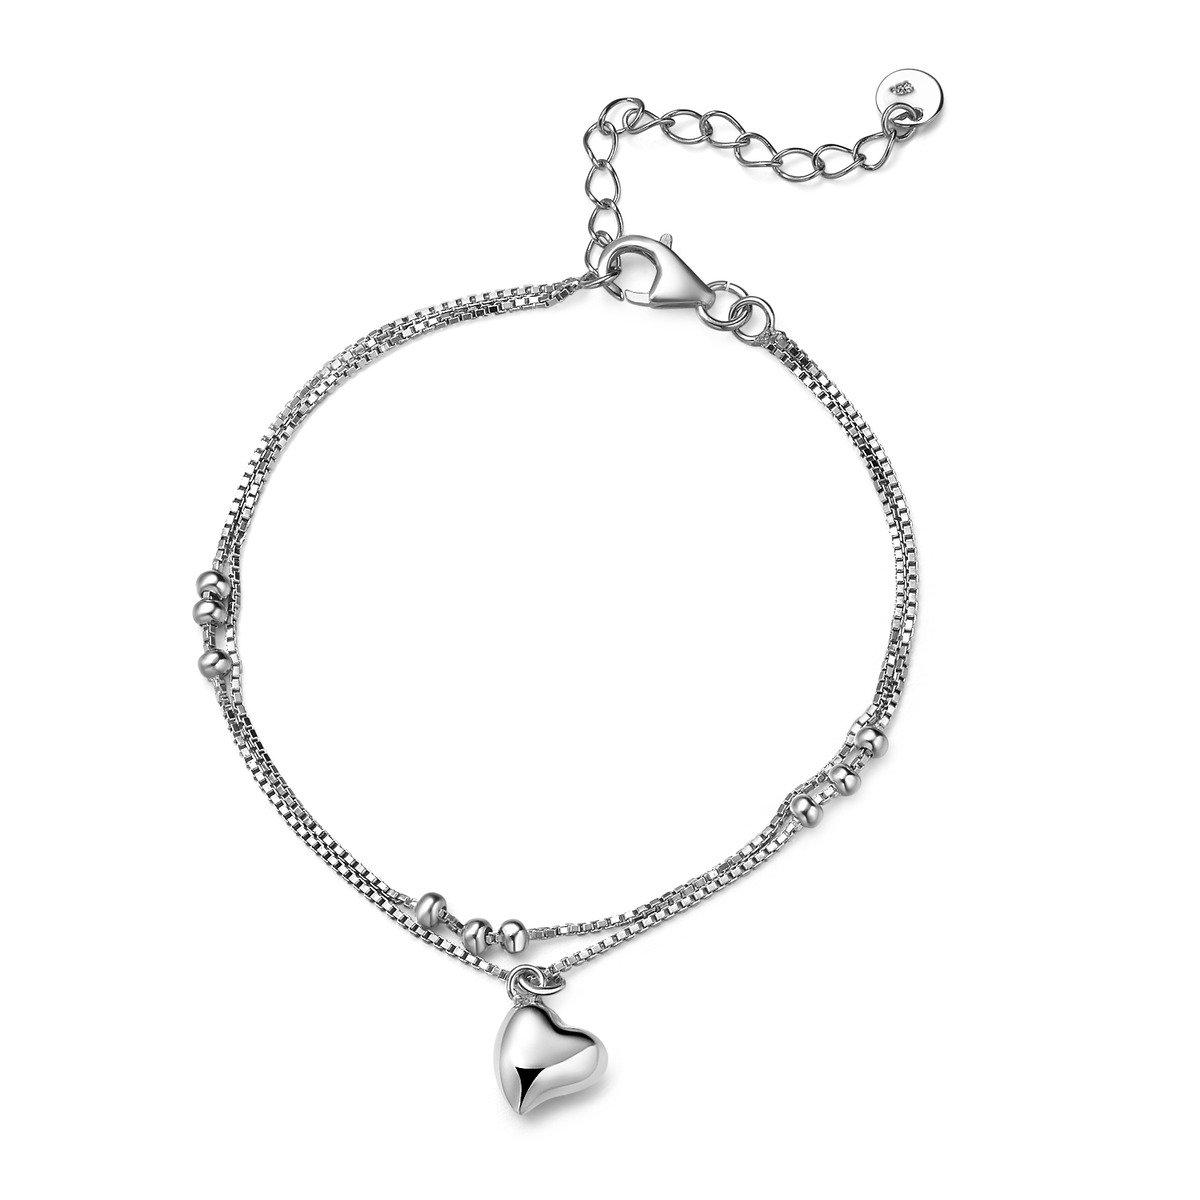 純愛- 925 純銀手鏈配心形吊飾